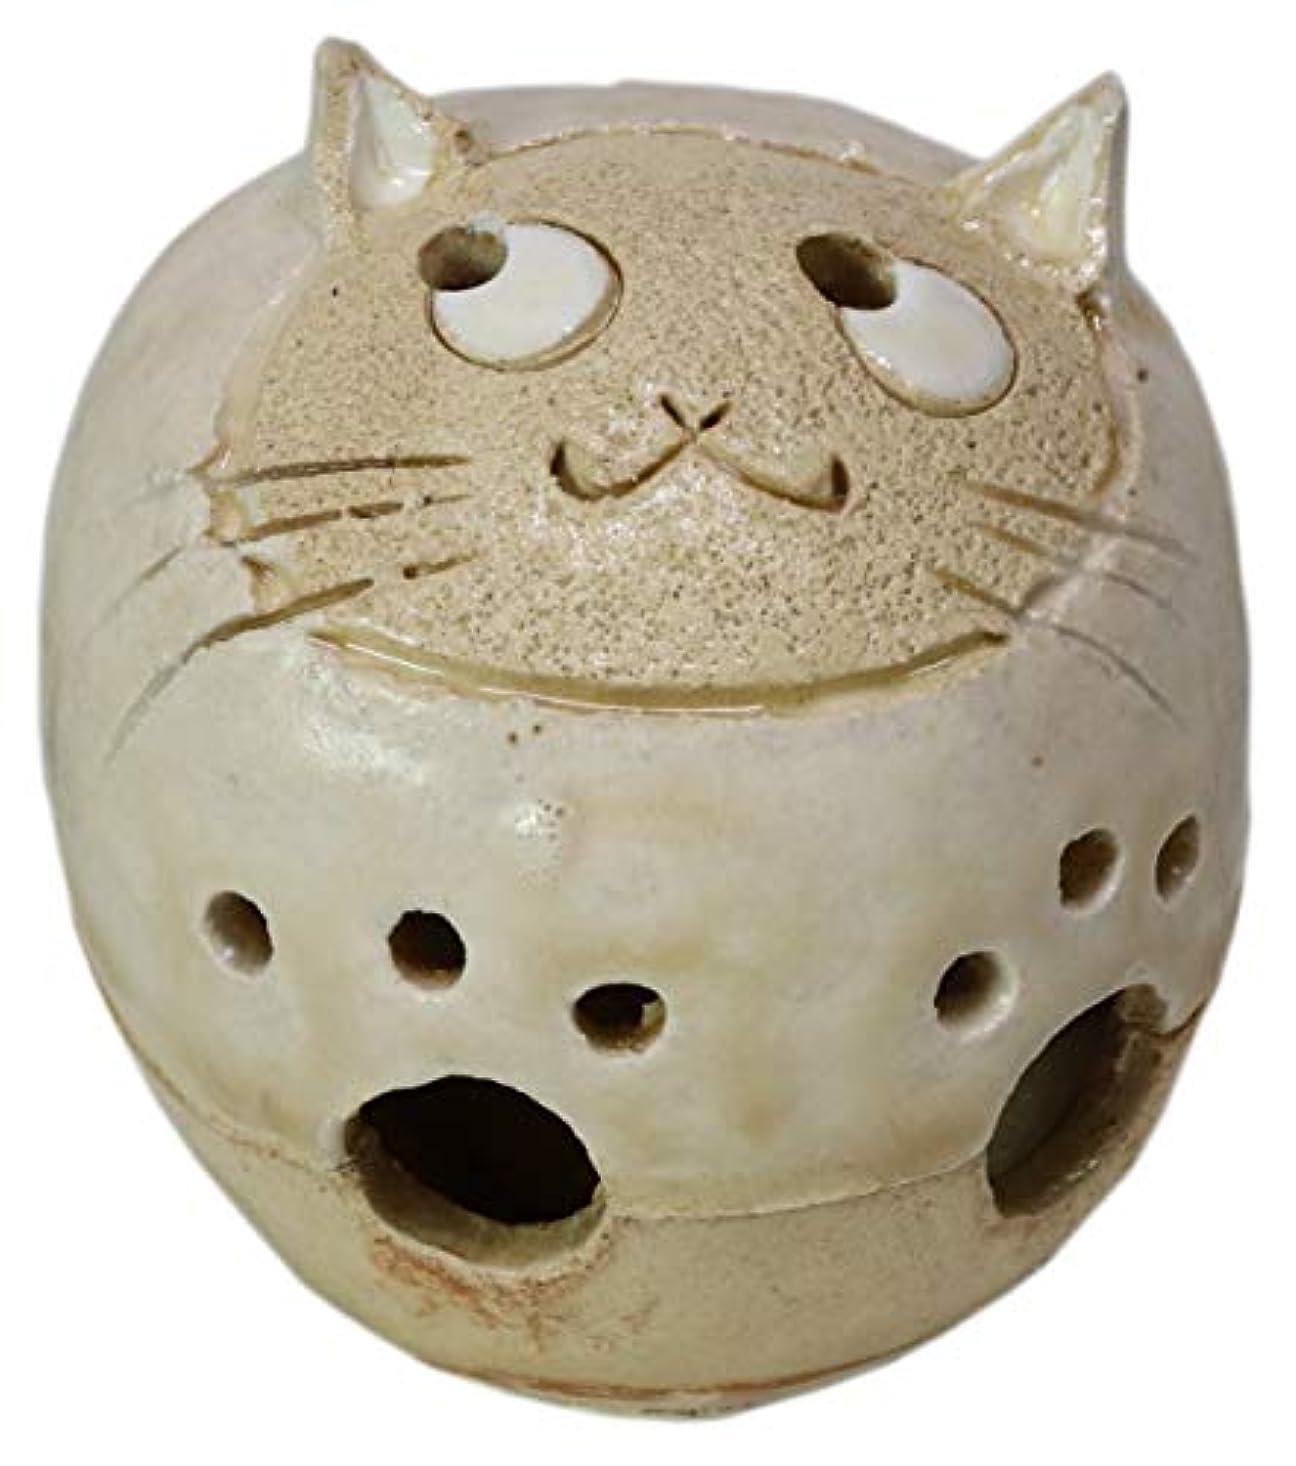 ナイトスポット根拠超える香炉 丸猫 香炉(小) [H6cm] HANDMADE プレゼント ギフト 和食器 かわいい インテリア